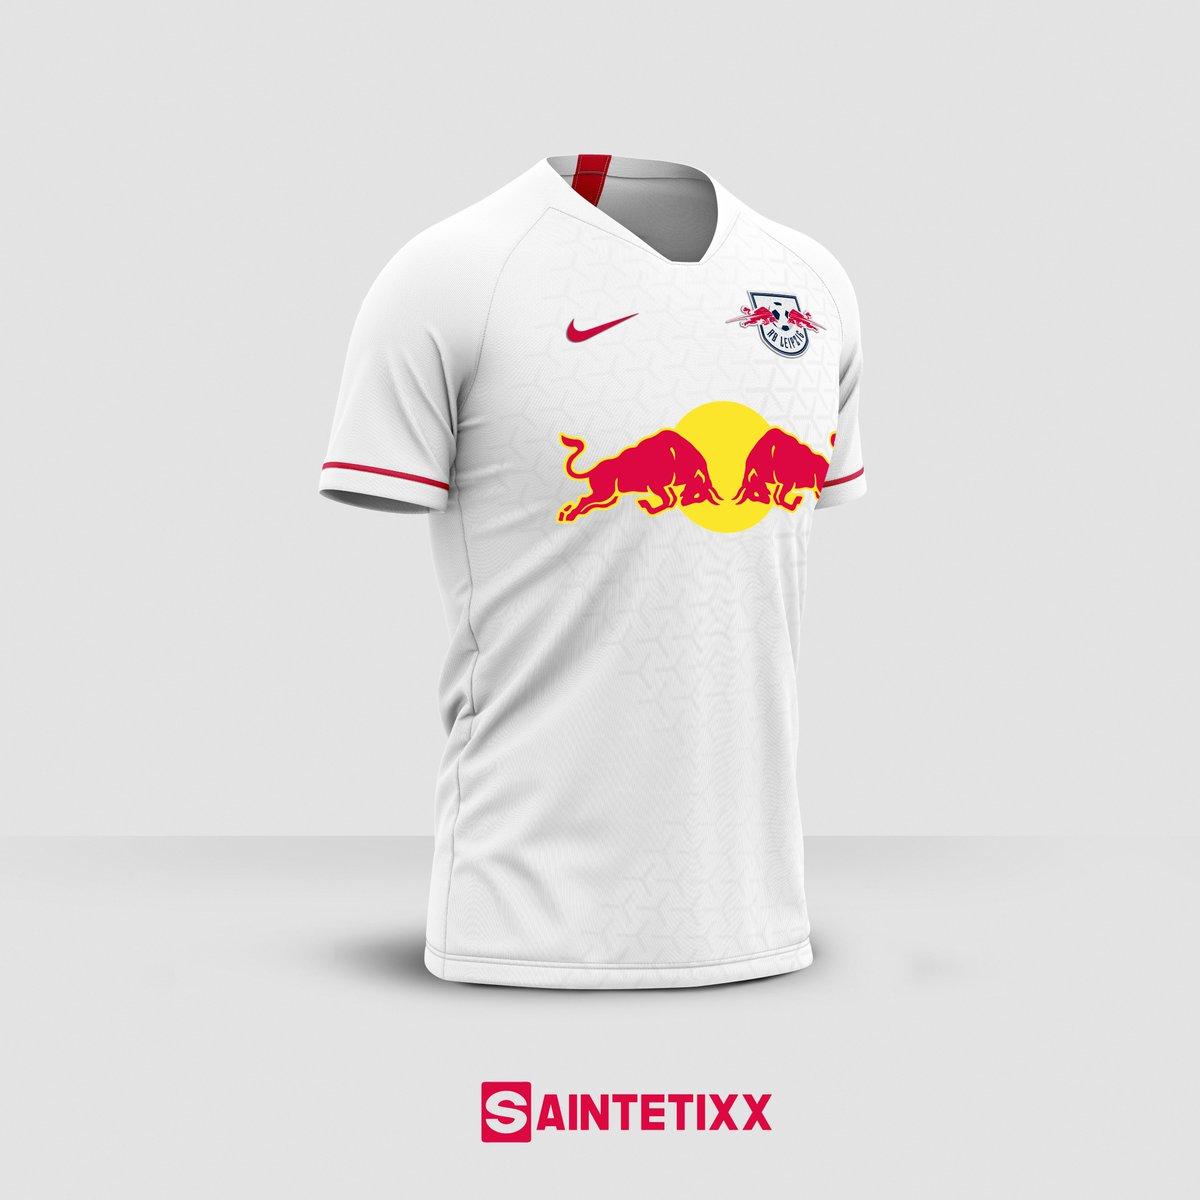 ▫️ RB Leipzig x Nike - Concept kits . #RBL #Leipzig #RasenBall #RedBul #Nike